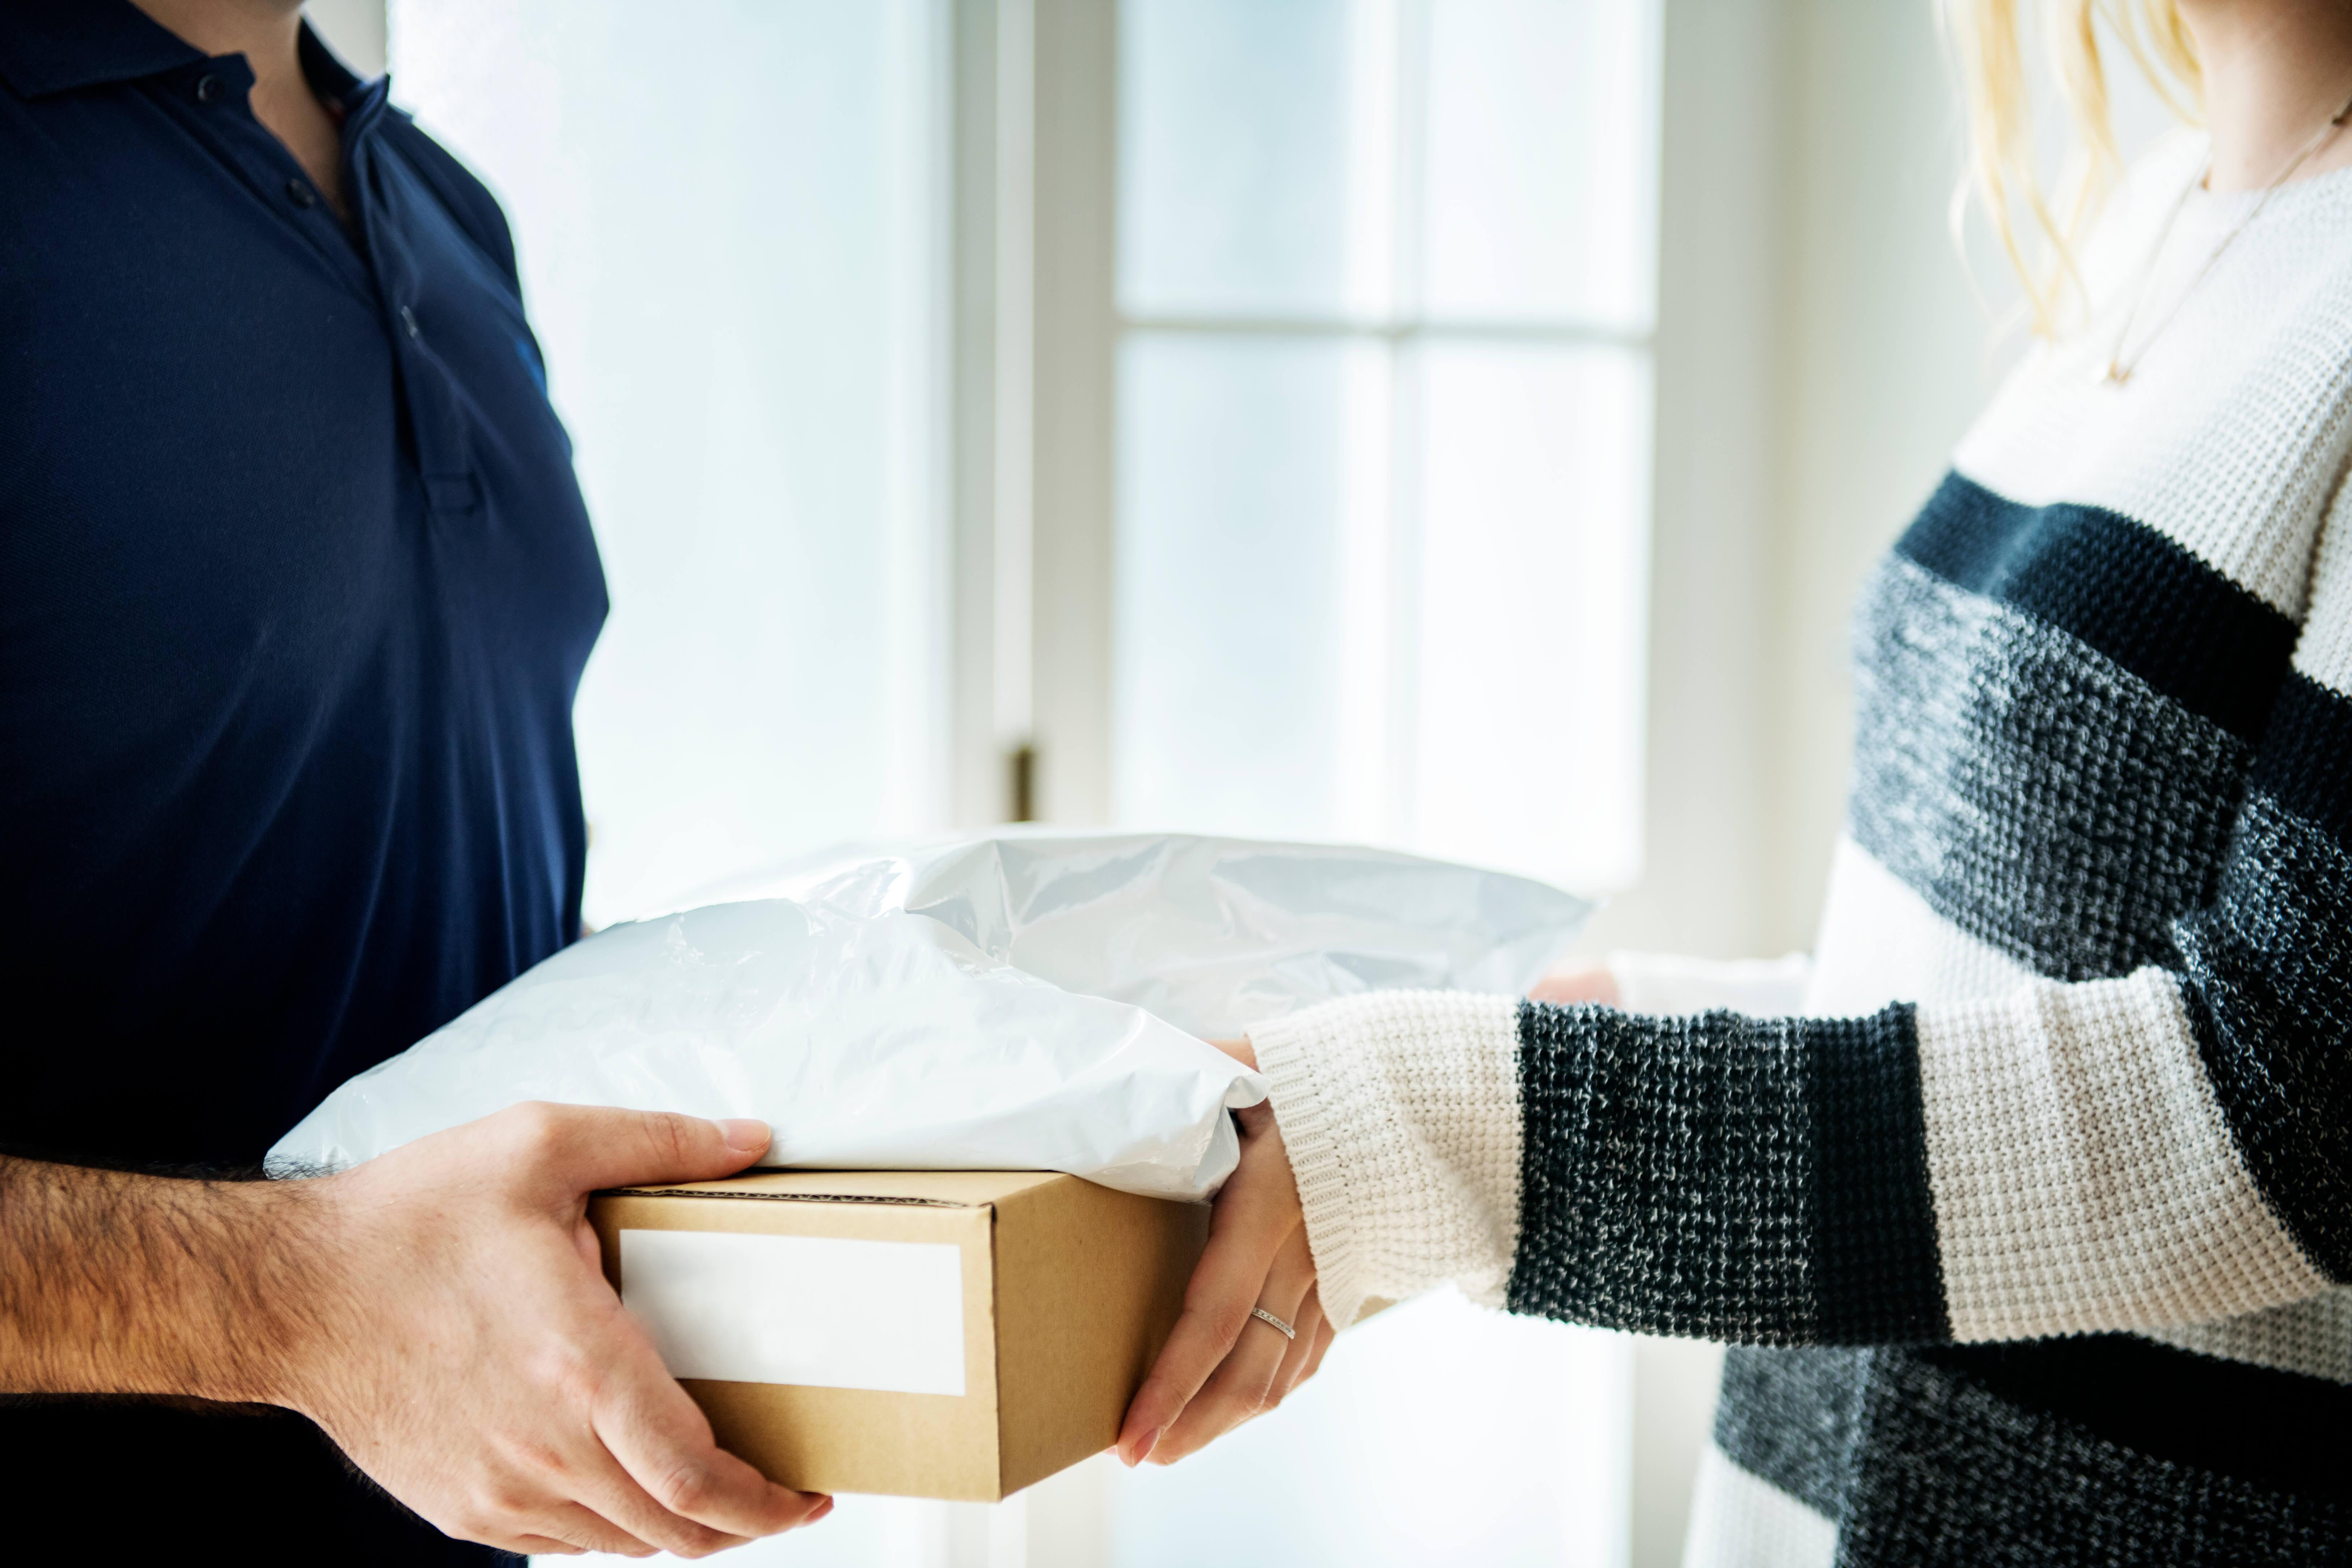 2019.8.5 英語ニュース記事:アマゾンからの荷物が盗難!それでもみんな大好きAmazon